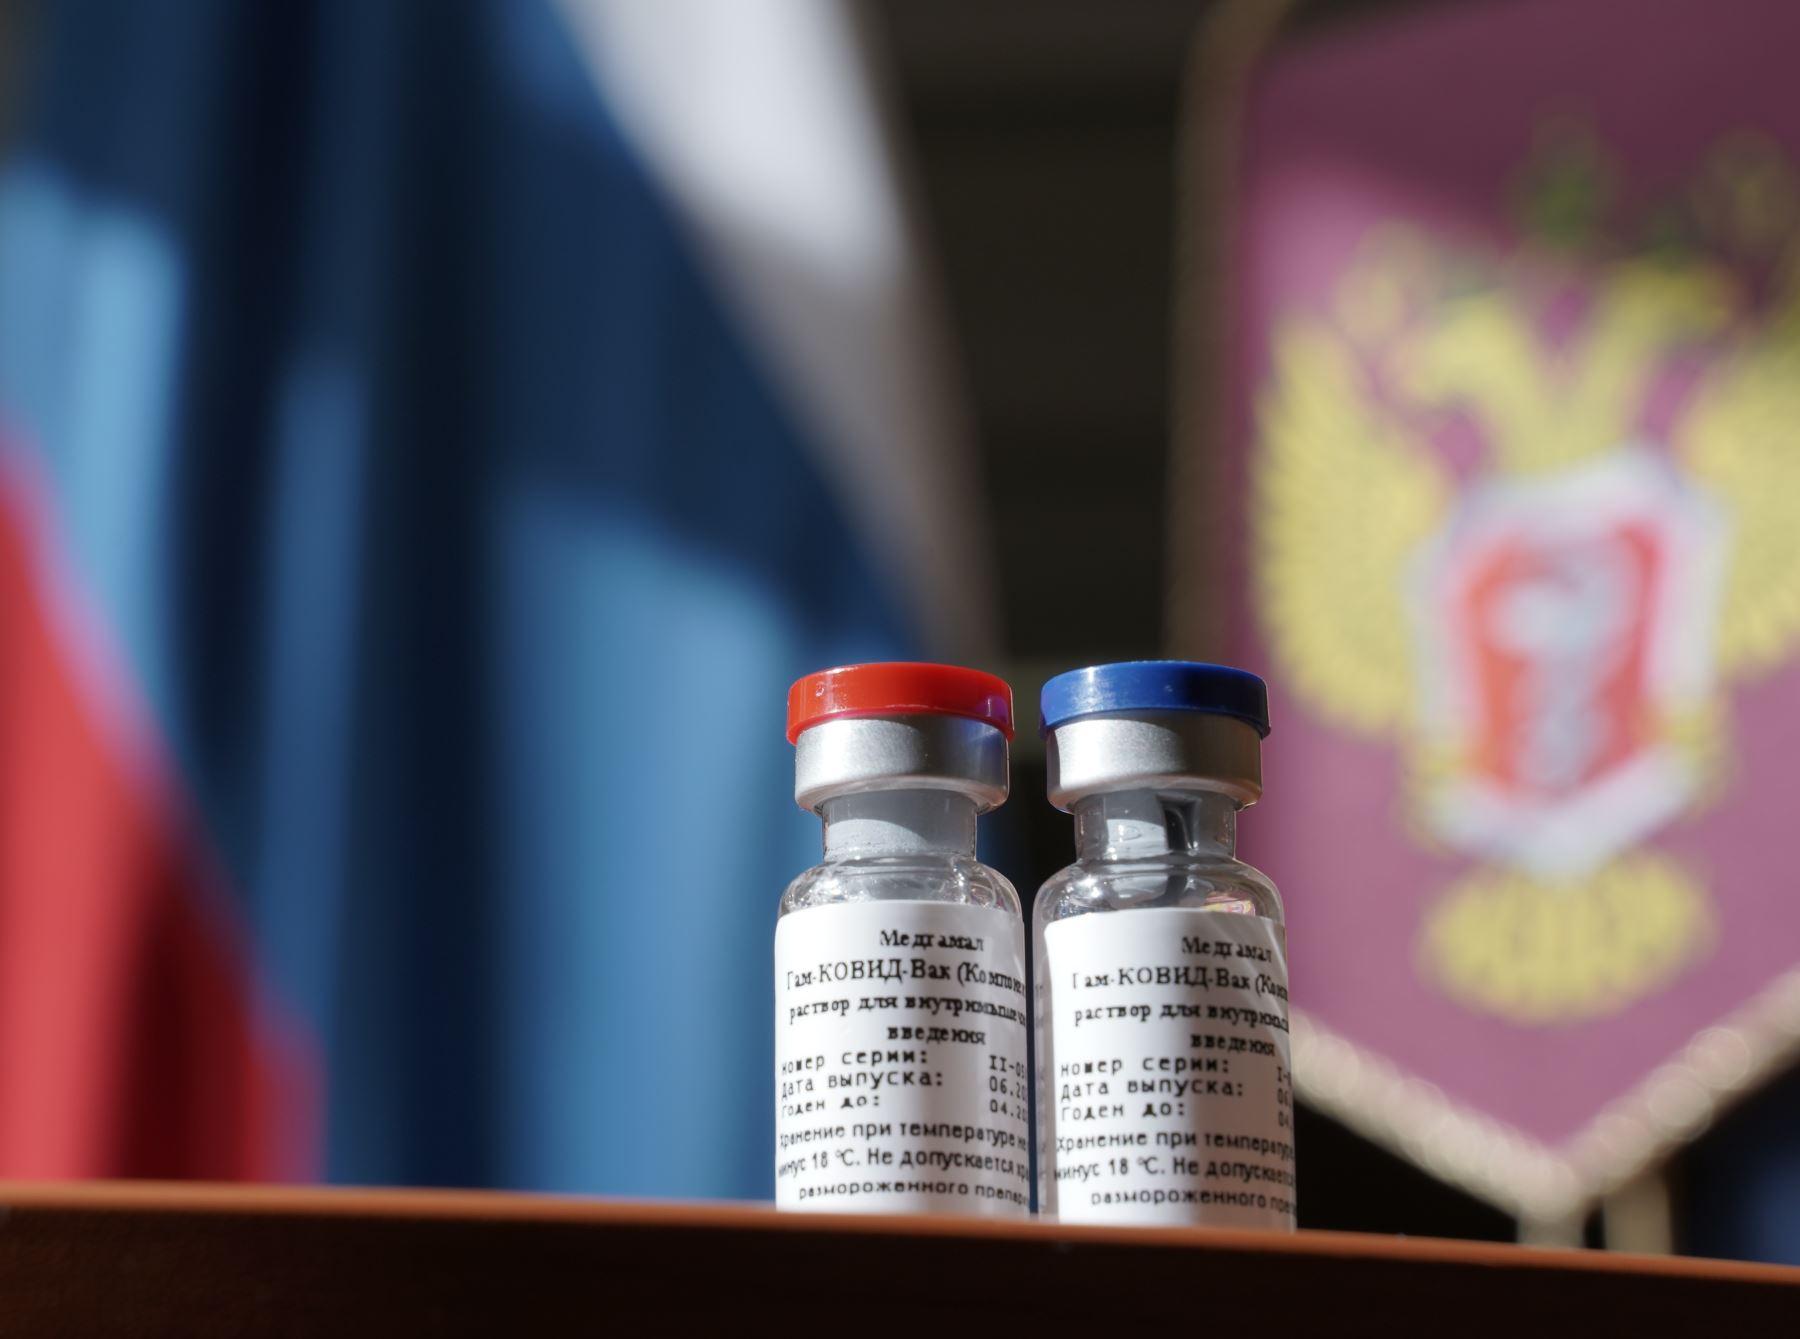 Al Perú llegarían tres millones 100,000 dosis de vacuna Sputnik V entre abril y mayo, y en el segundo semestre, las dosis restantes. Foto: AFP